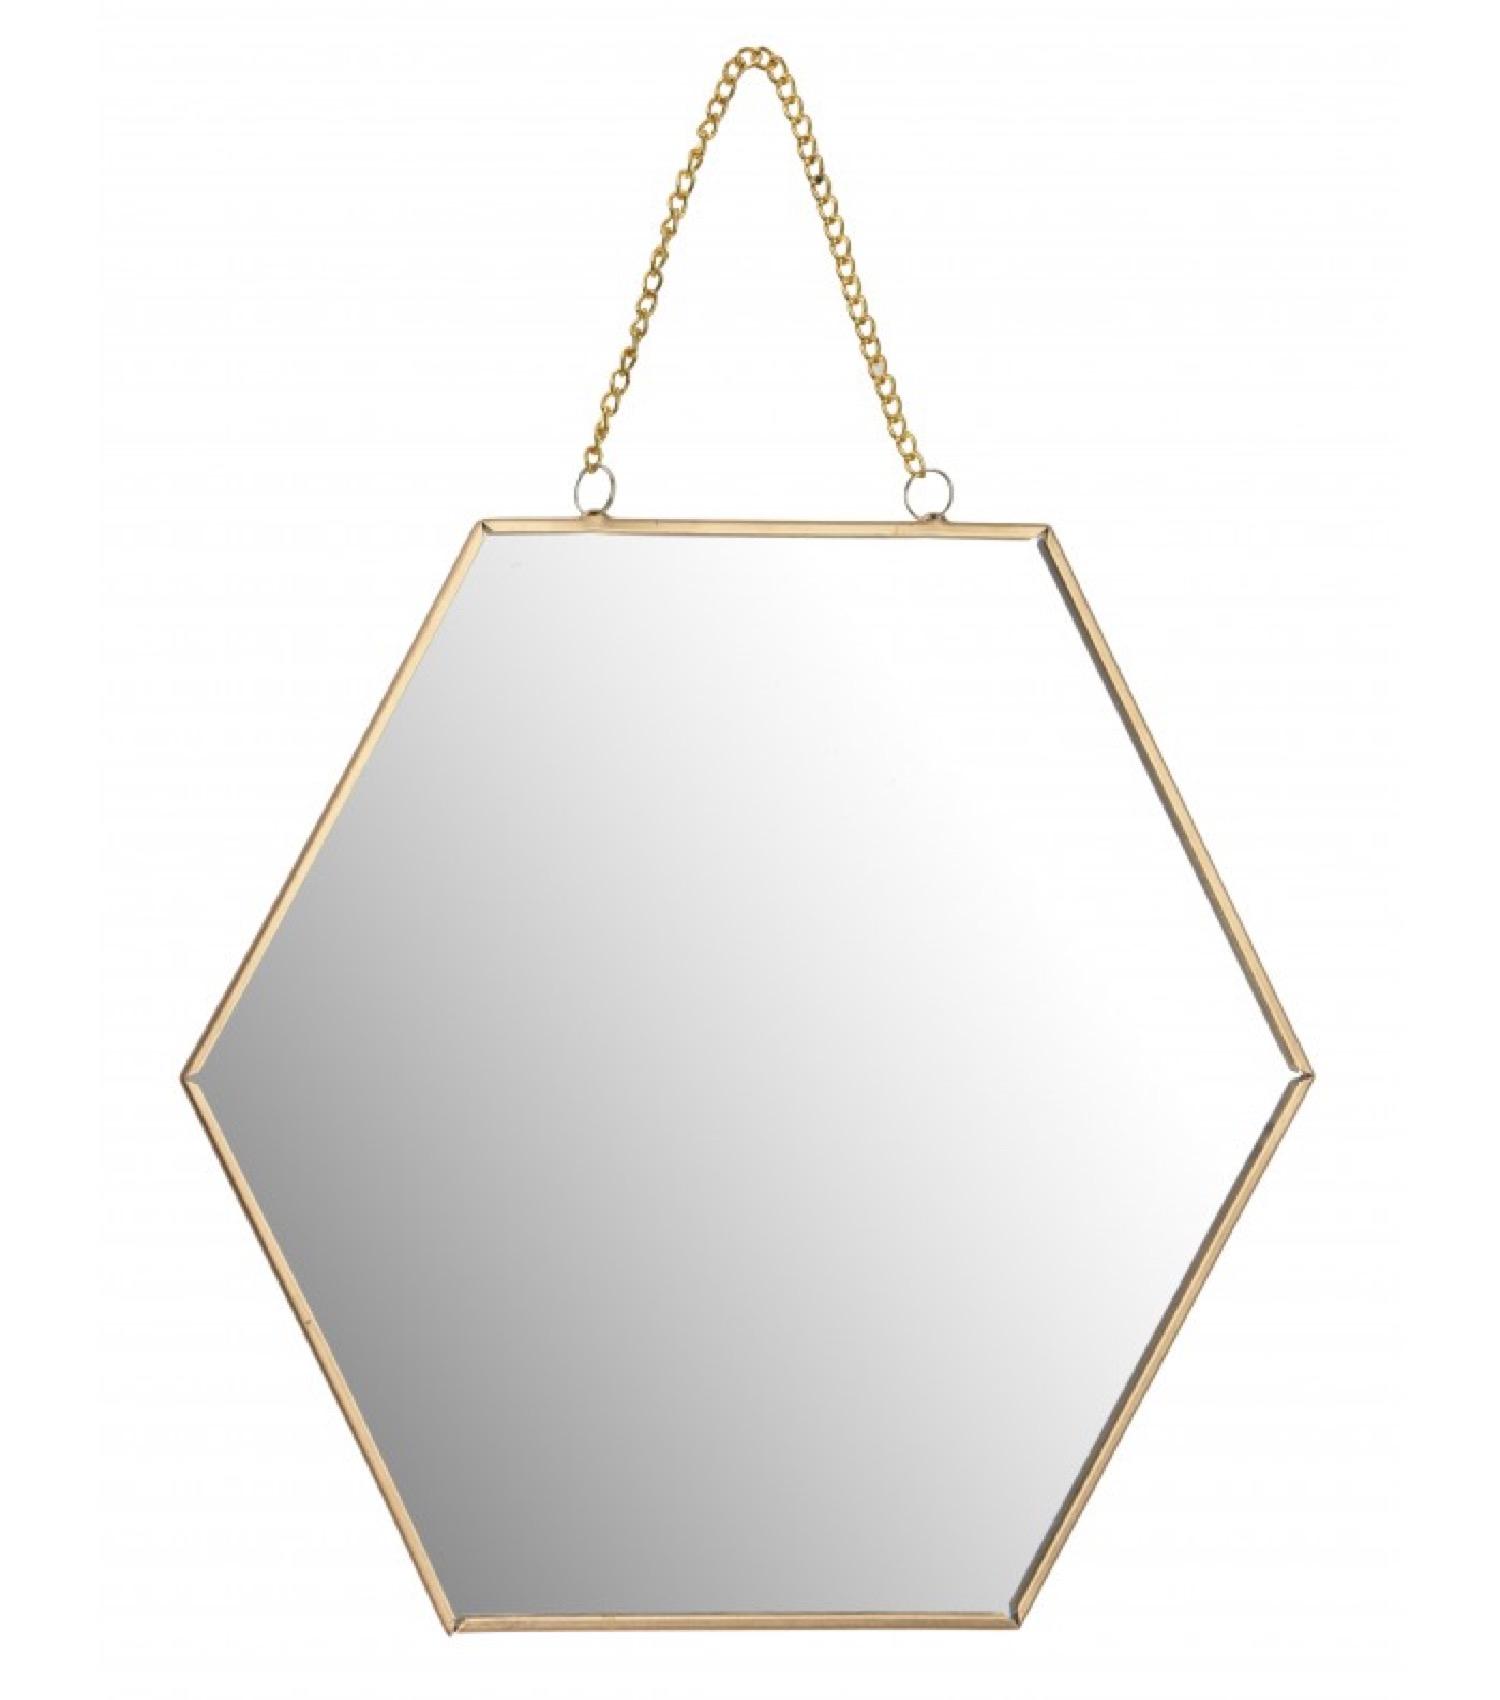 Miroir doré suspendu avec chaînette 30x26